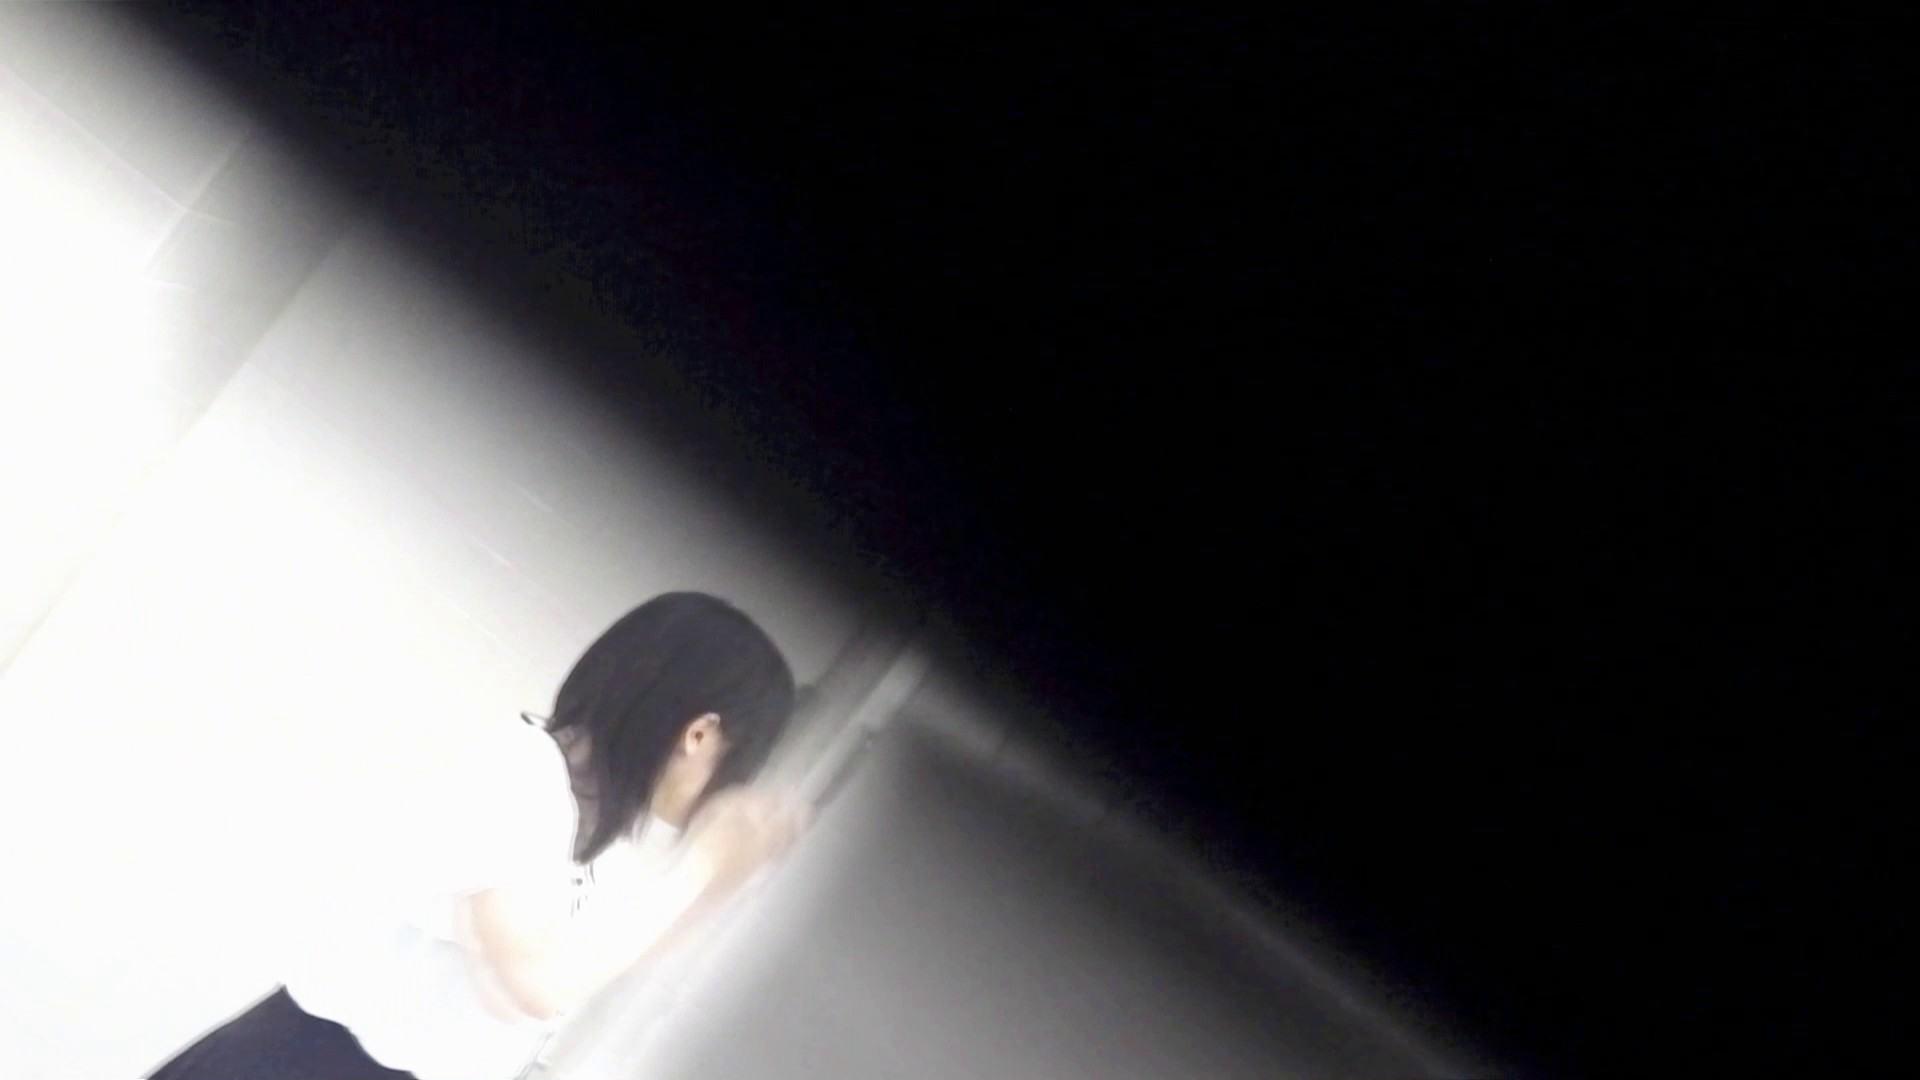 お銀 vol.71 レベルアップ!! 高画質 ヌード画像 111枚 96